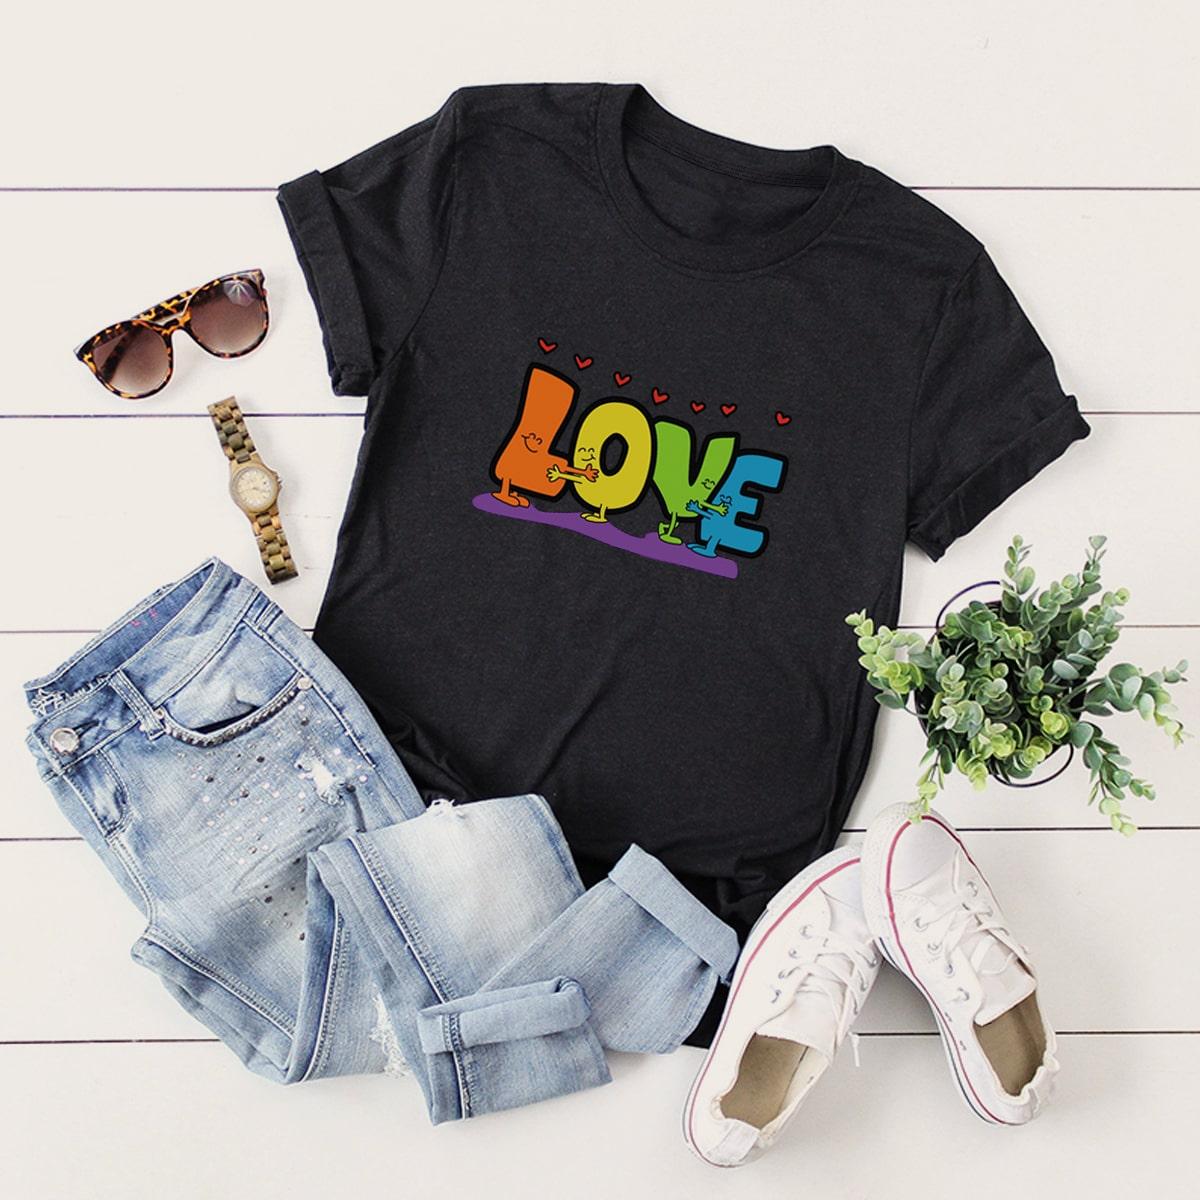 Große Größen – T-Shirt mit Herzen & Buchstaben Muster